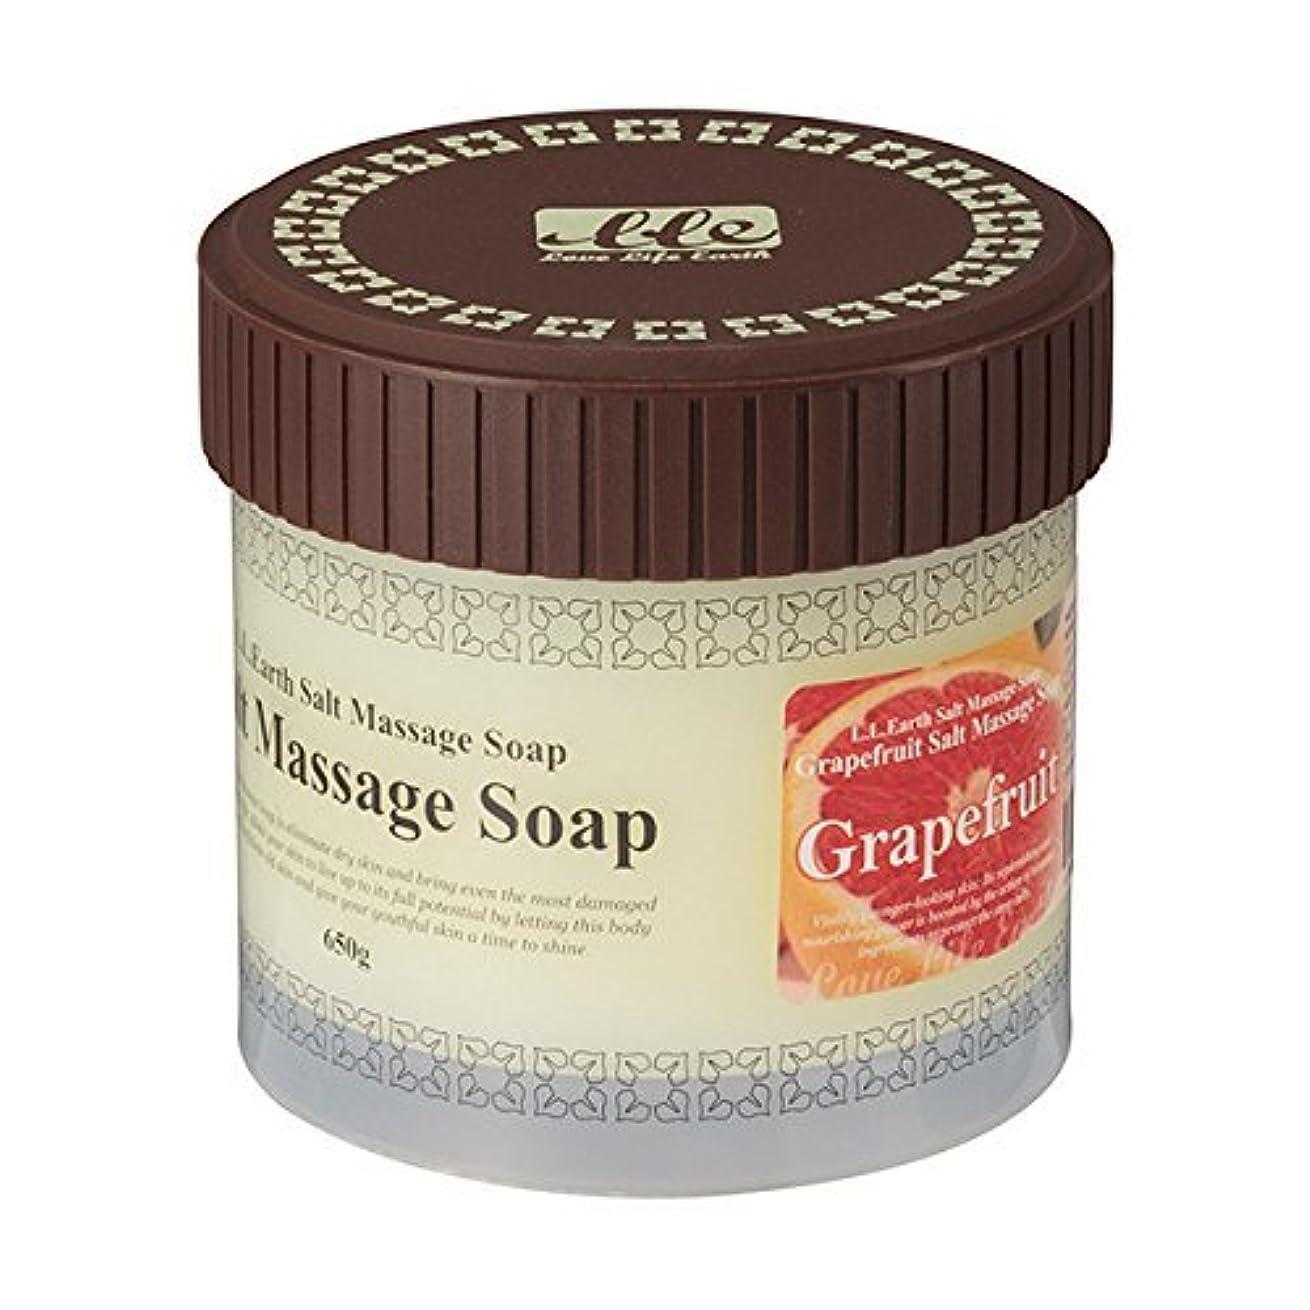 純粋におびえたレビューLLE 業務用 ソルトマッサージソープ 650g [選べる香り5種類] ( ボディ用 スクラブ ) グレープフルーツ